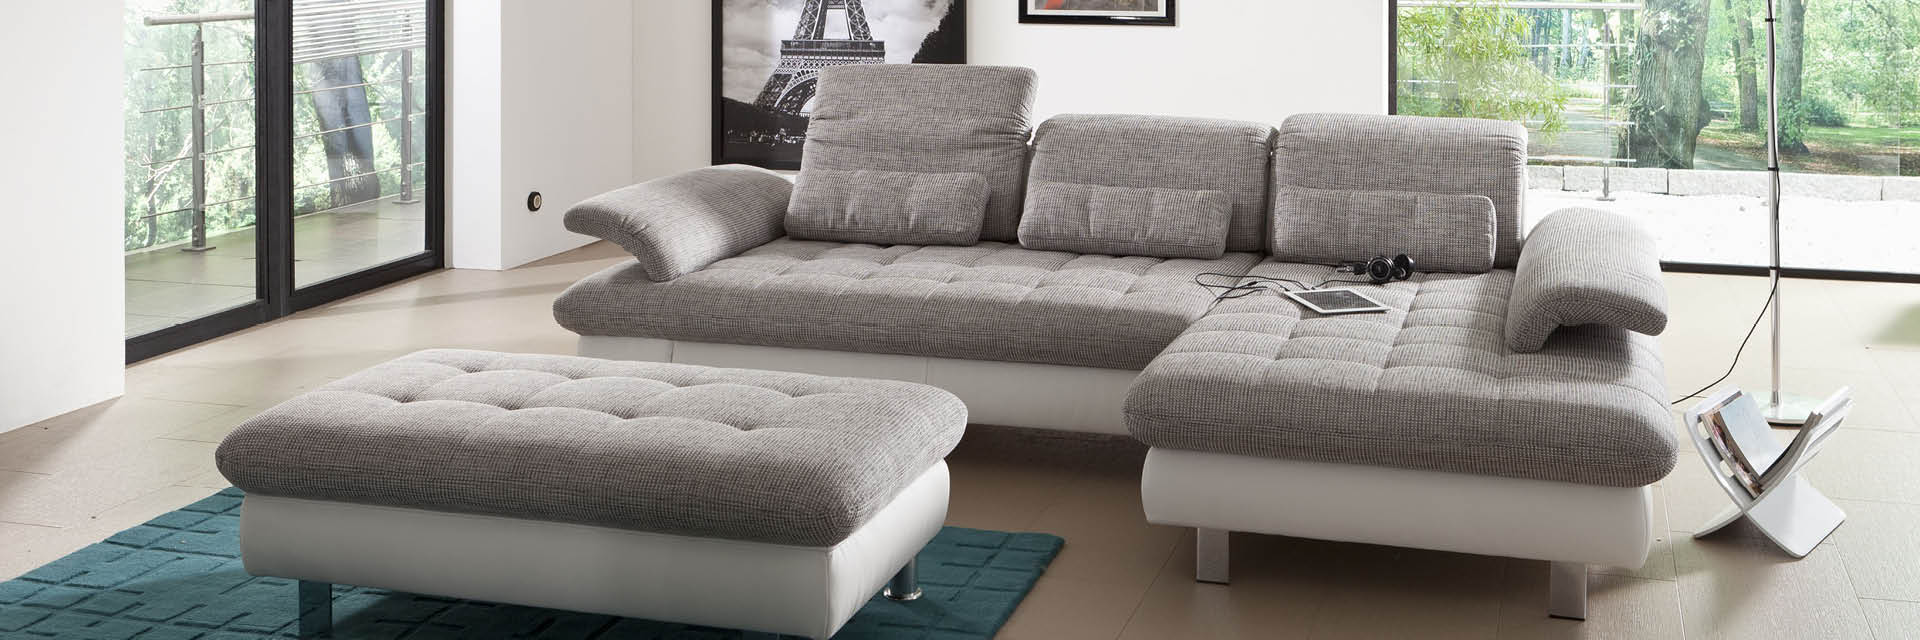 Full Size of Sofa Farbe In Deutschland Grau Boxspring Mit Schlaffunktion Lederpflege Polster Reinigen Hersteller Kleines Kunstleder Kinderzimmer Boxen 2 Sitzer Sofa Graues Sofa